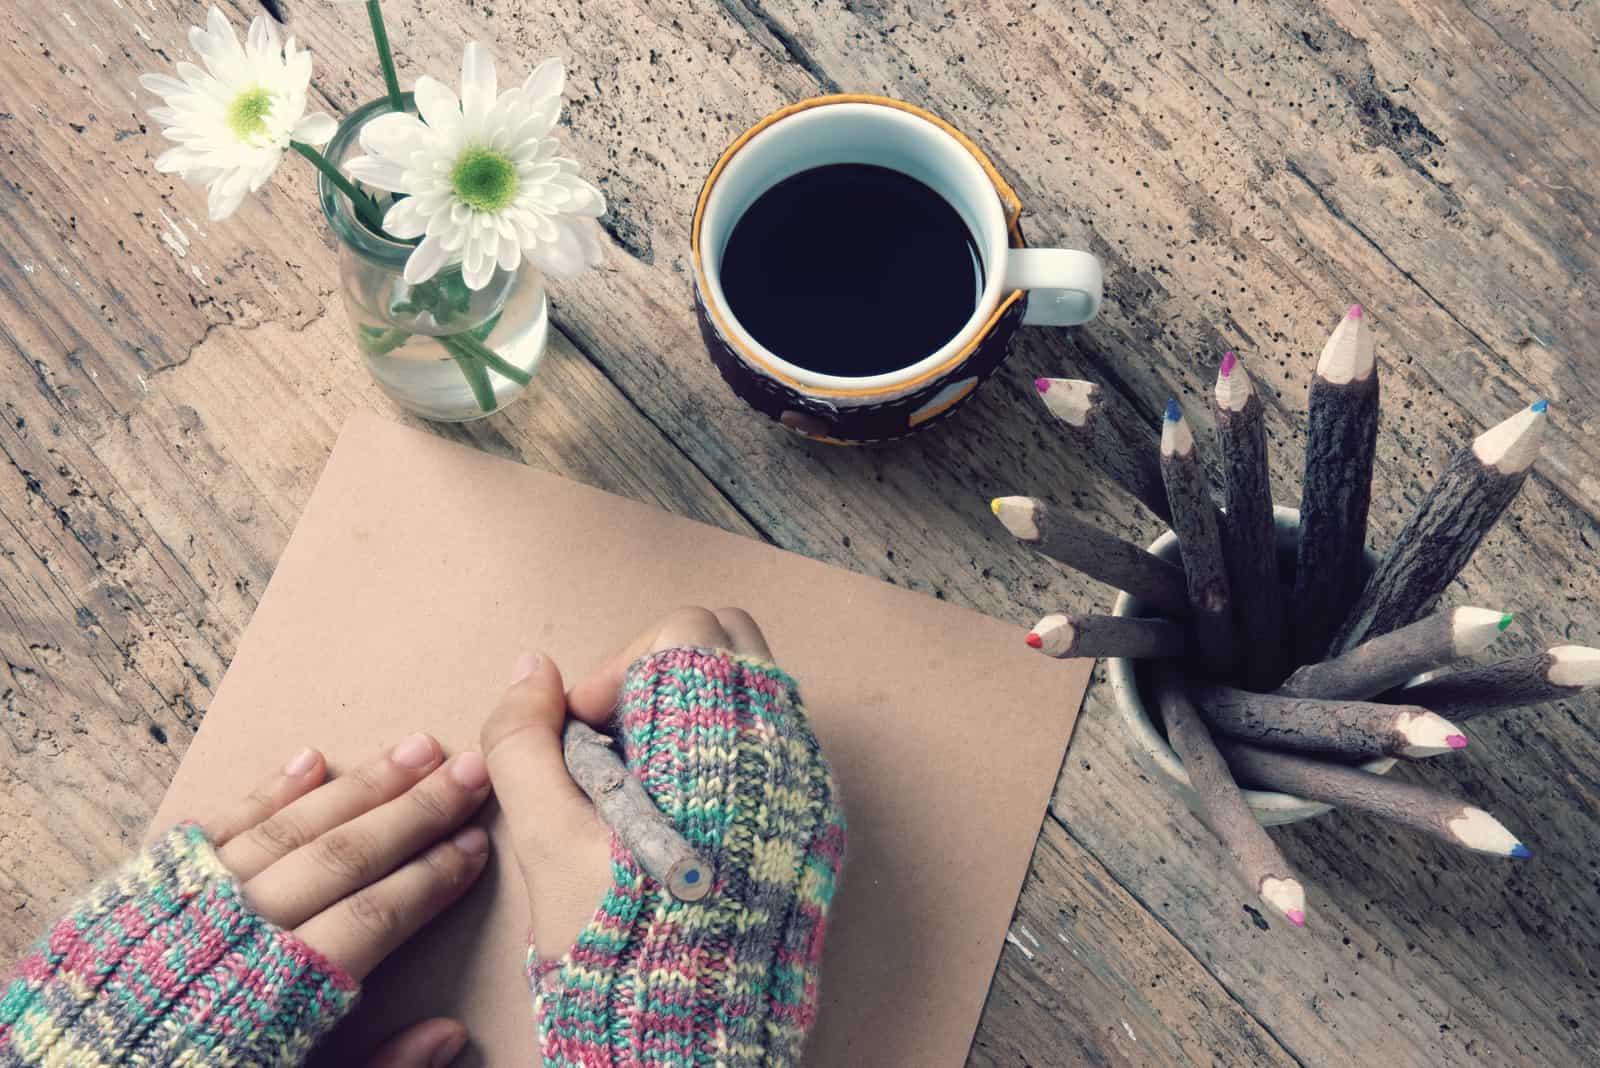 Les femmes portent des gants de laine en hiver, écrivant une lettre pour sœur